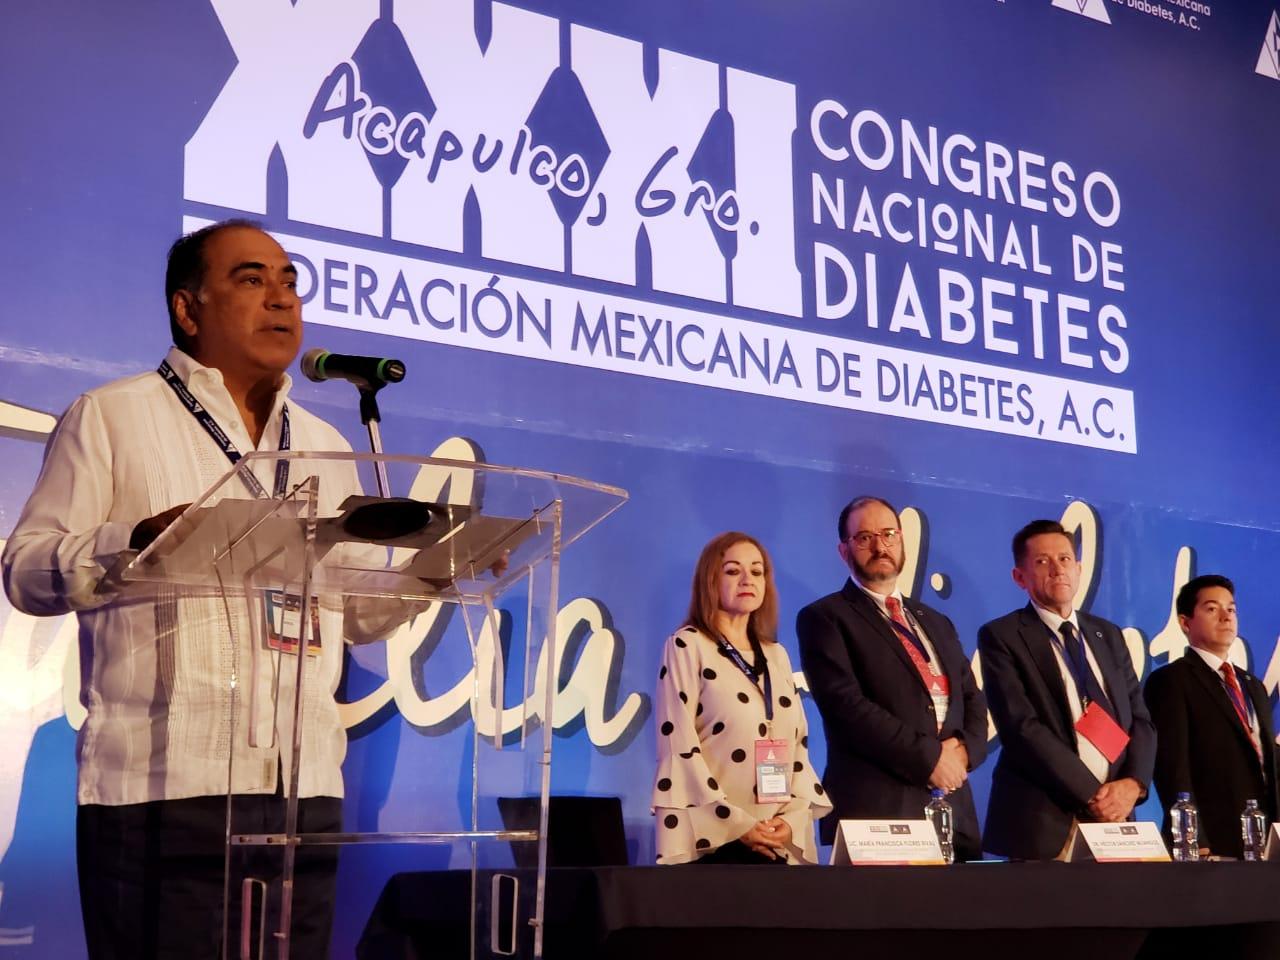 Más de dos mil participantes en el Congreso Nacional de Diabetes; inaugura este evento el gobernador